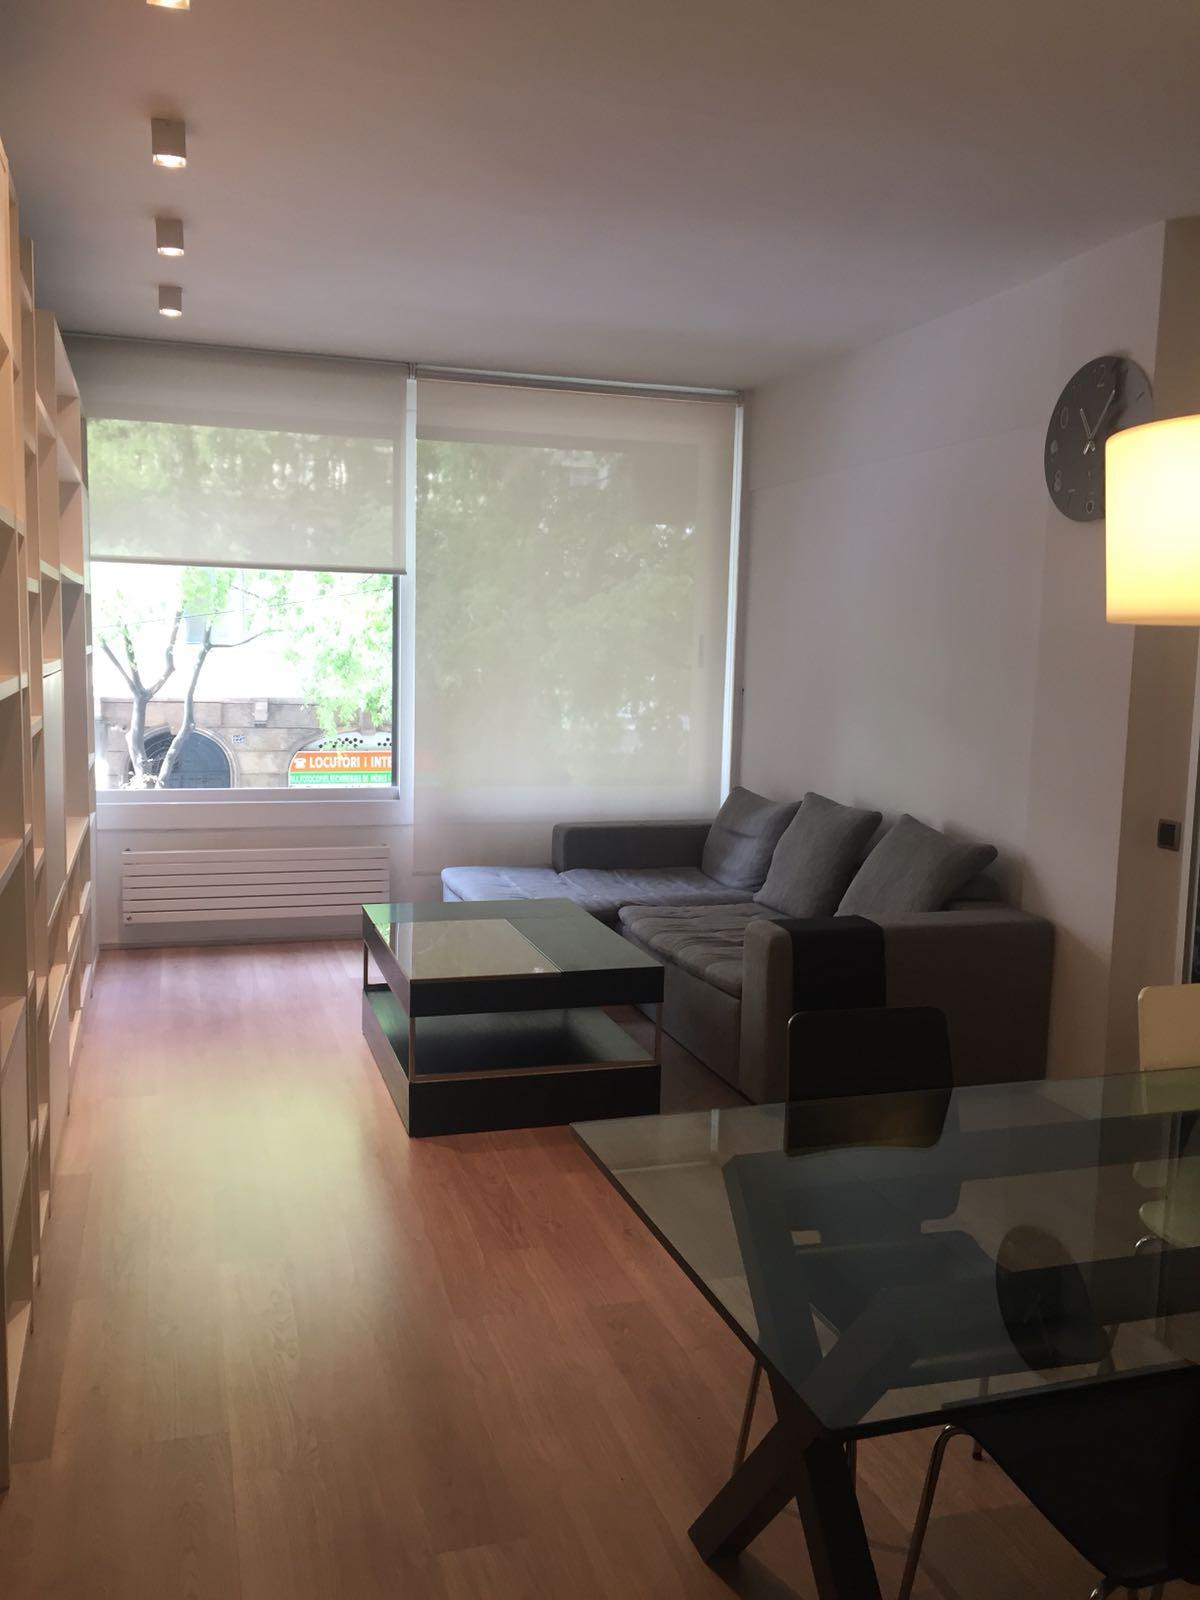 206249 Apartamento en venta en Eixample, Nova Esquerra Eixample 10